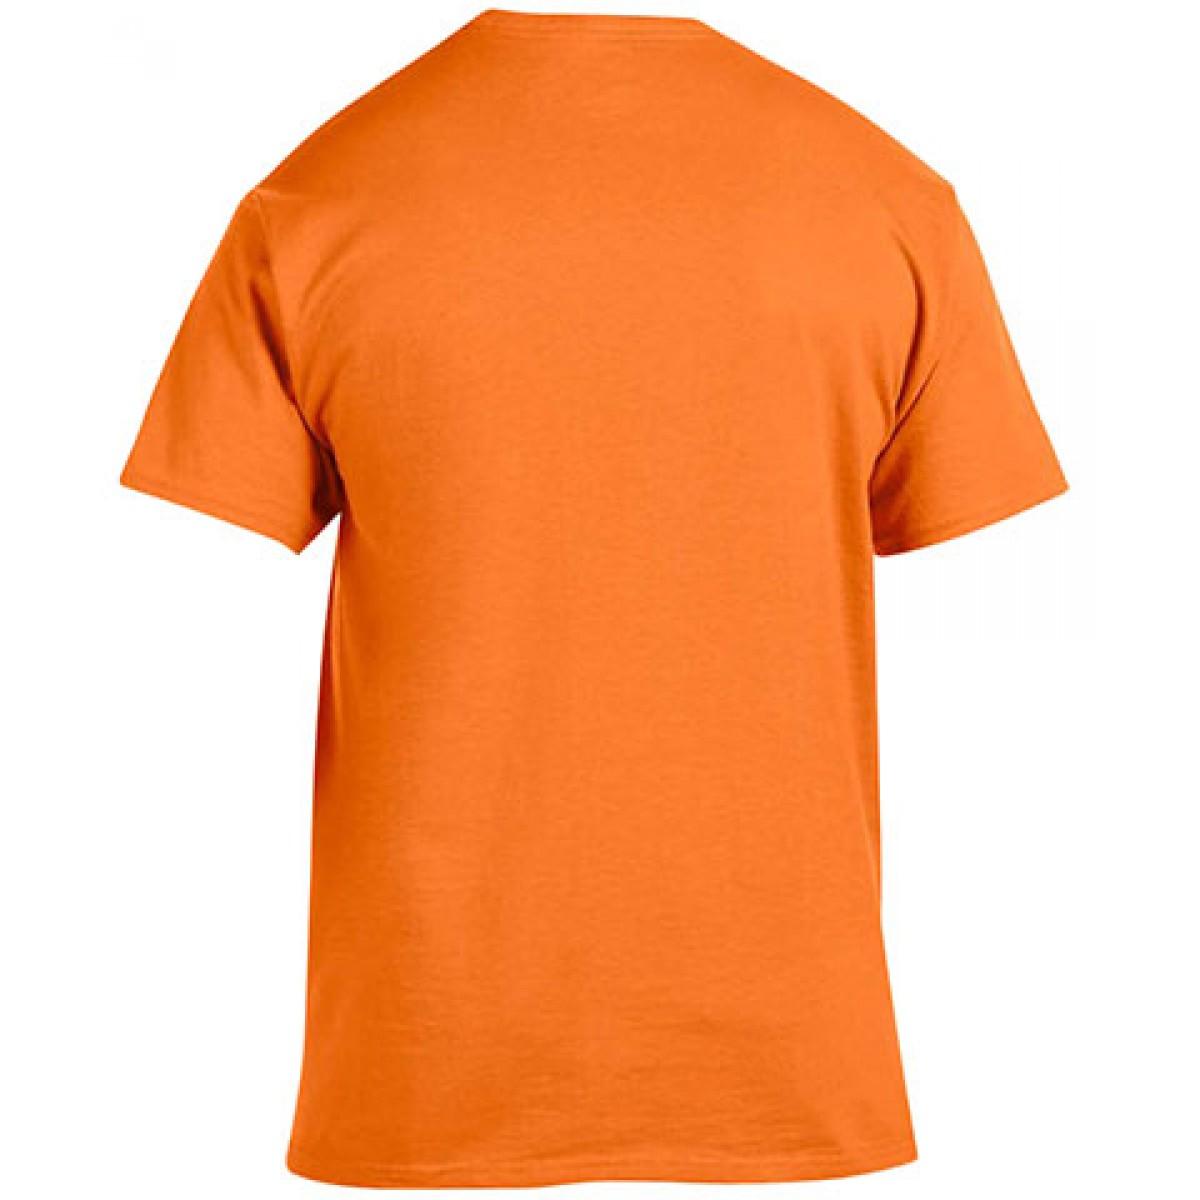 Cotton Short Sleeve T Shirt